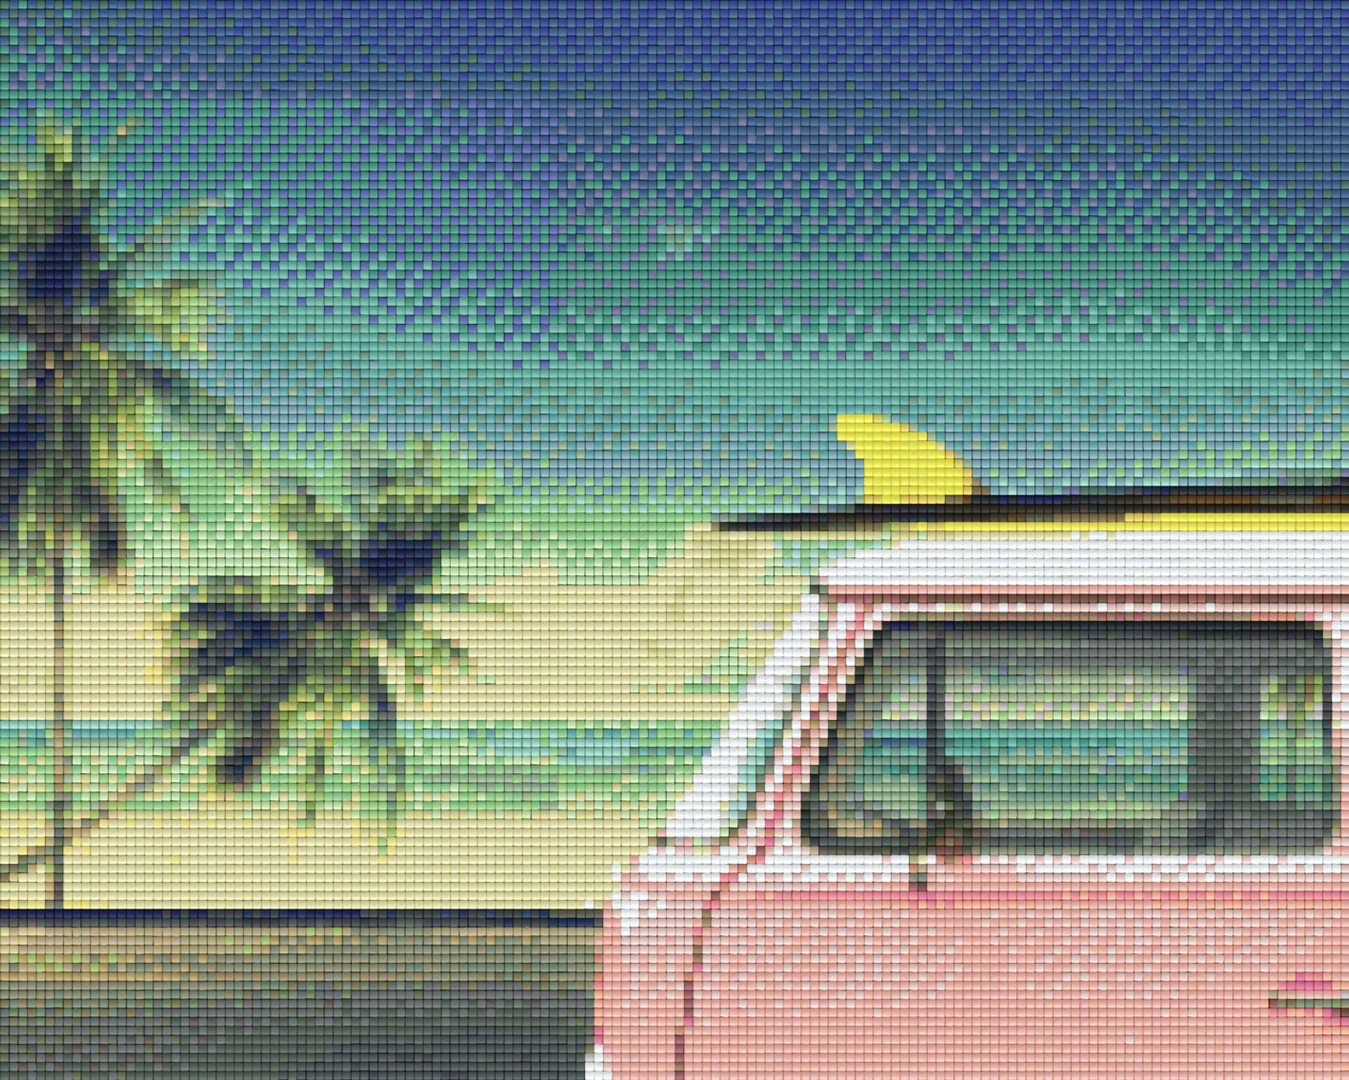 809414.jpg